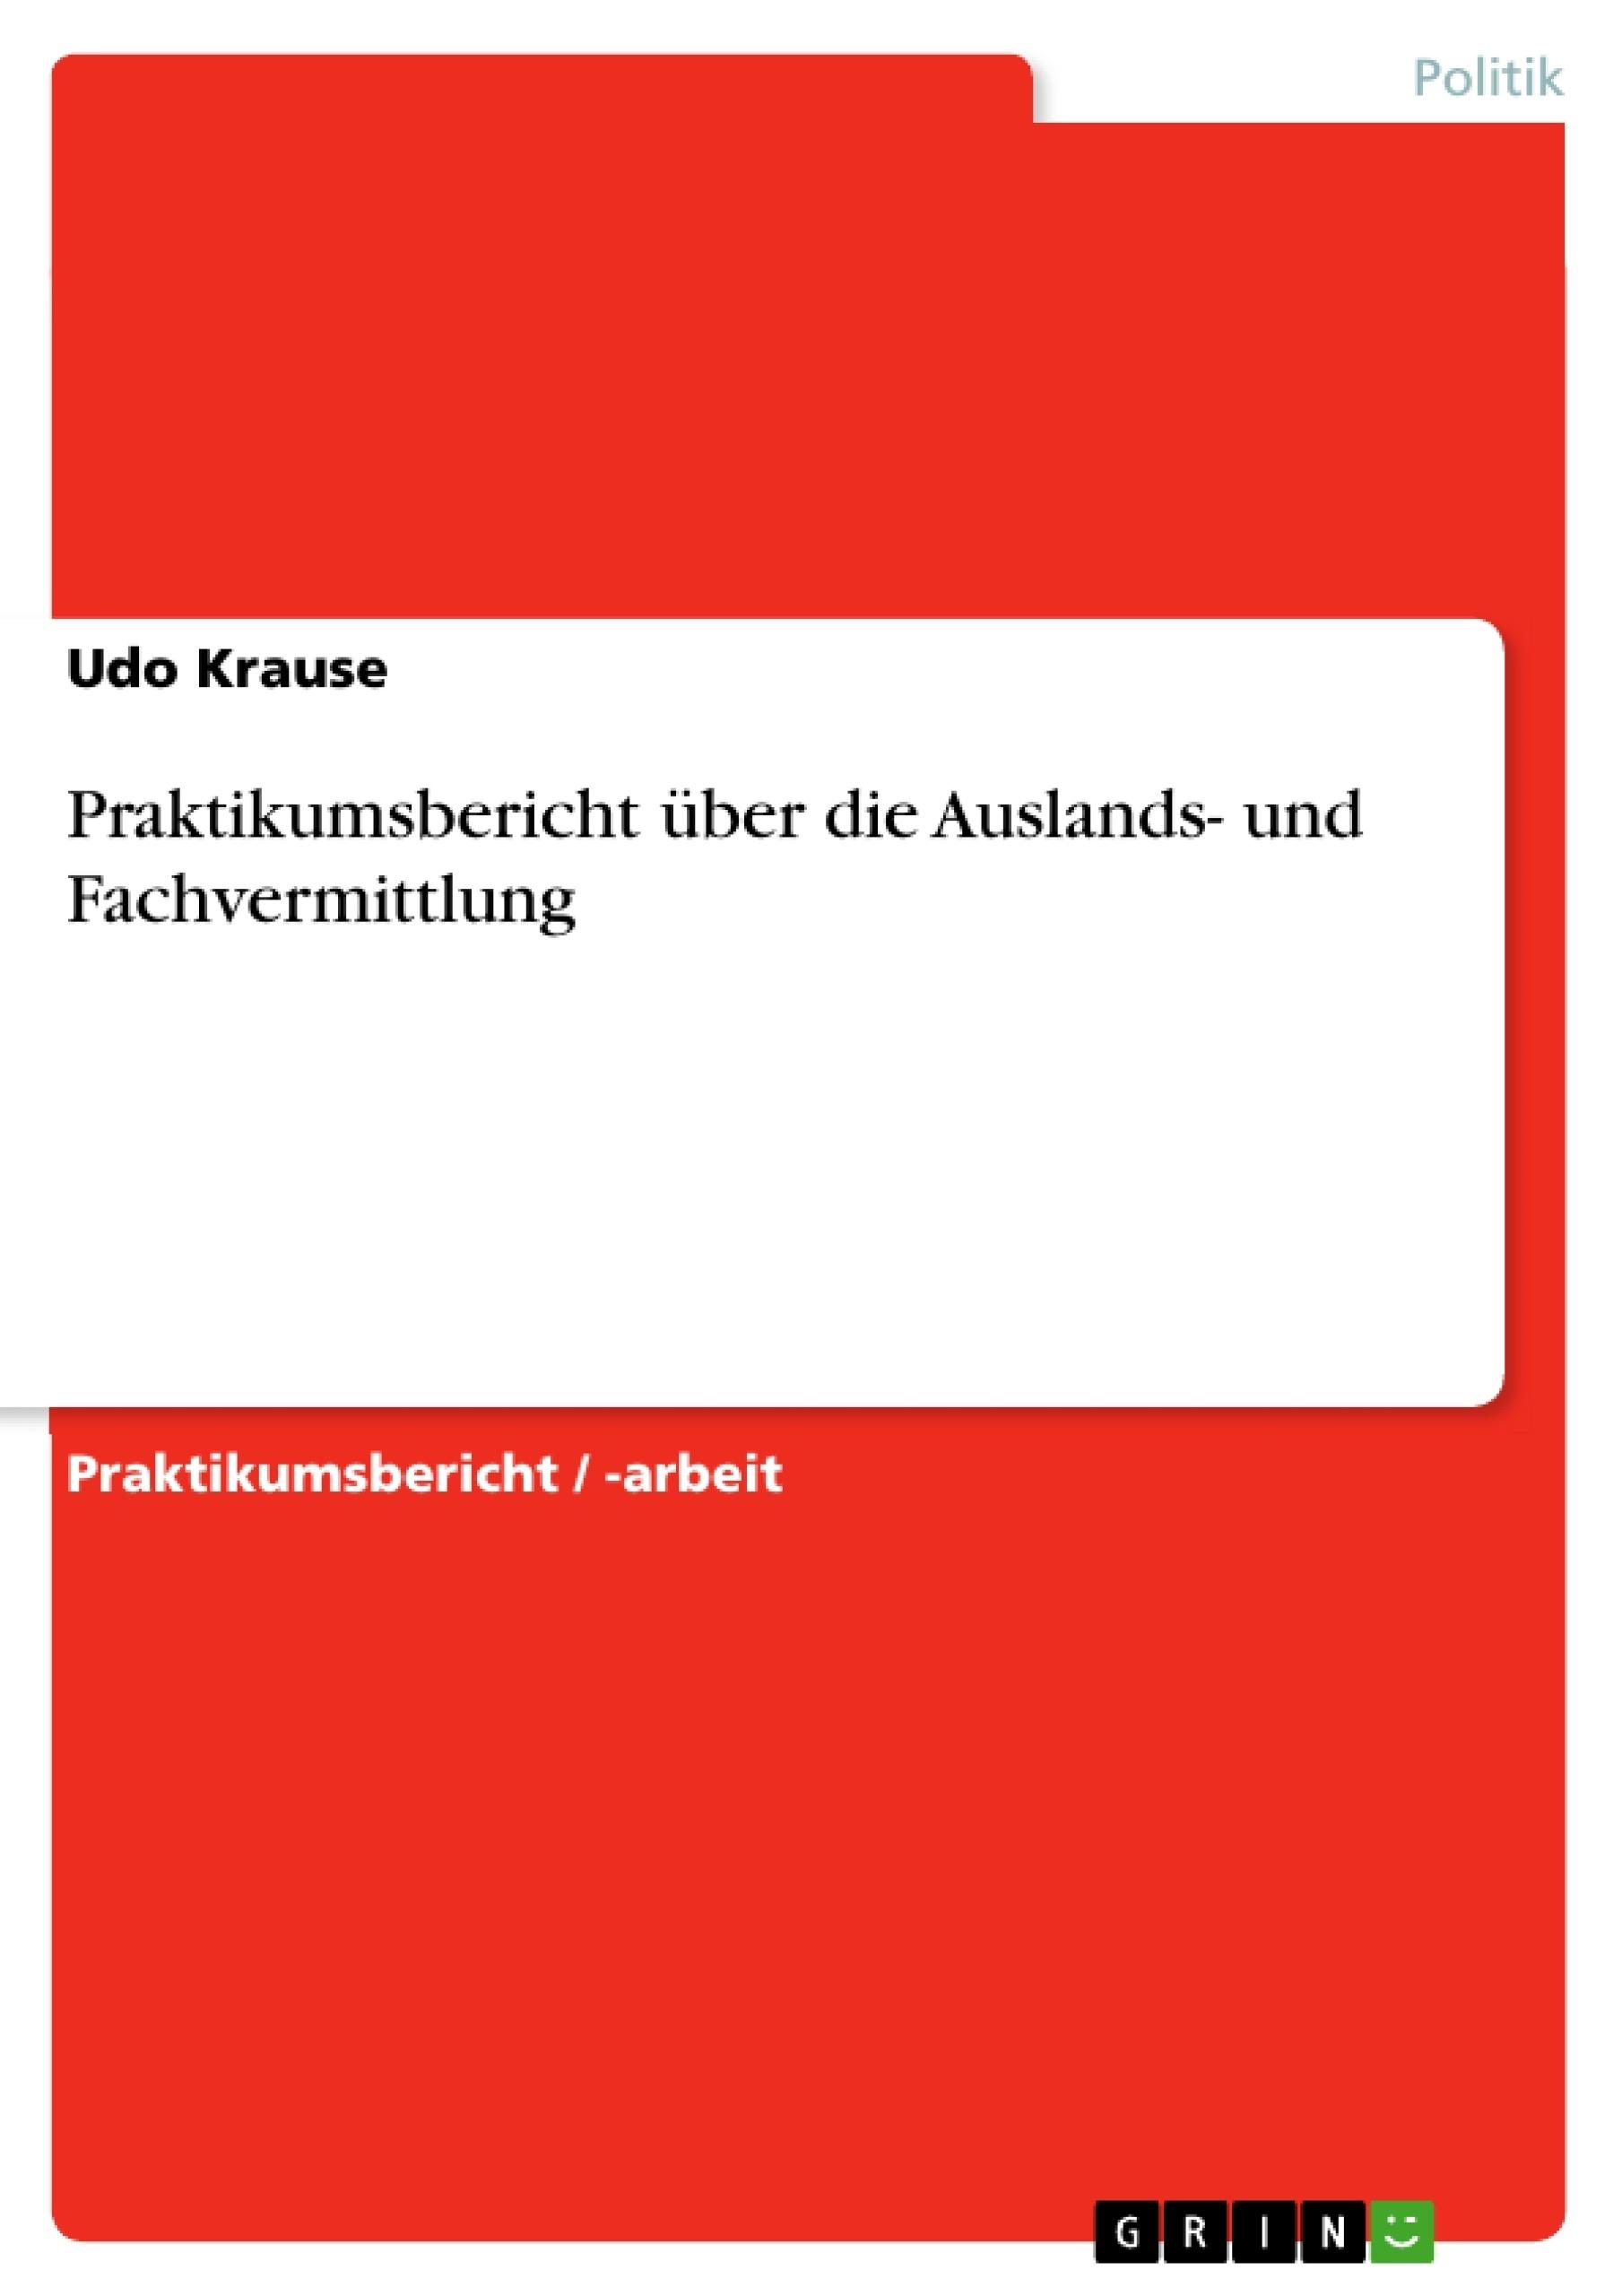 Titel: Praktikumsbericht über die Auslands- und Fachvermittlung